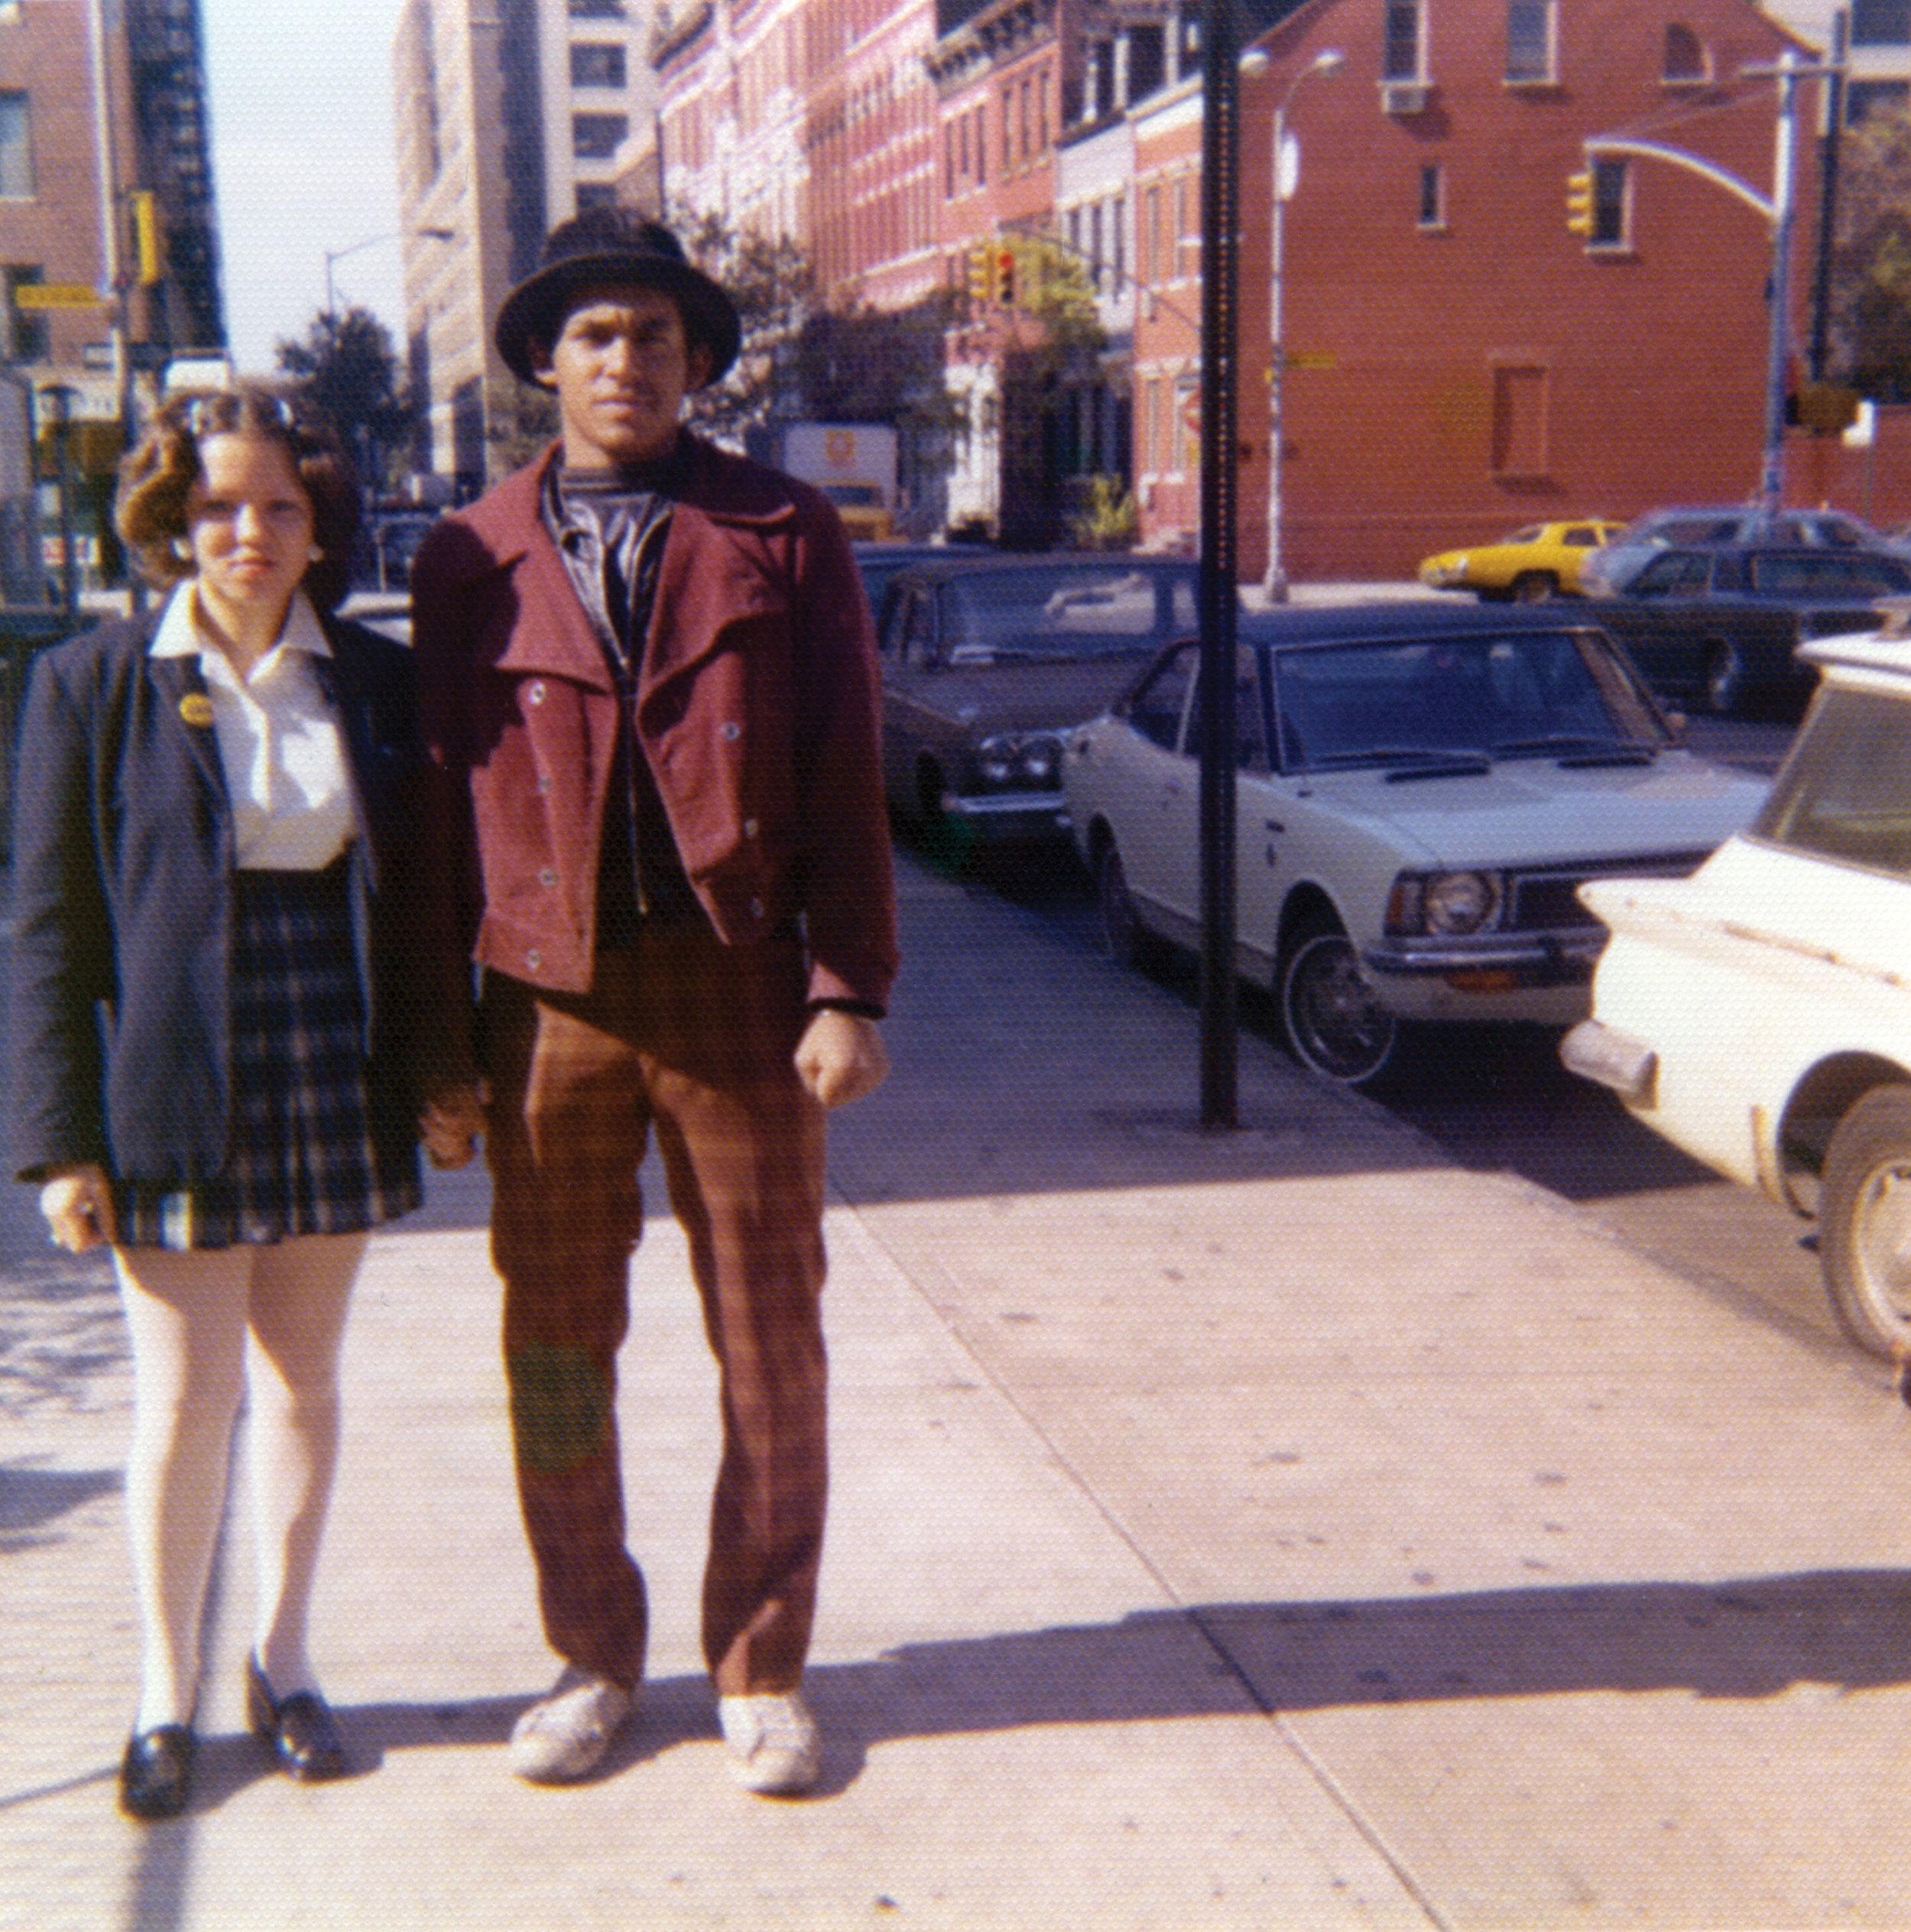 ROCKY 184 and STITCH 1.  Circa 1972.